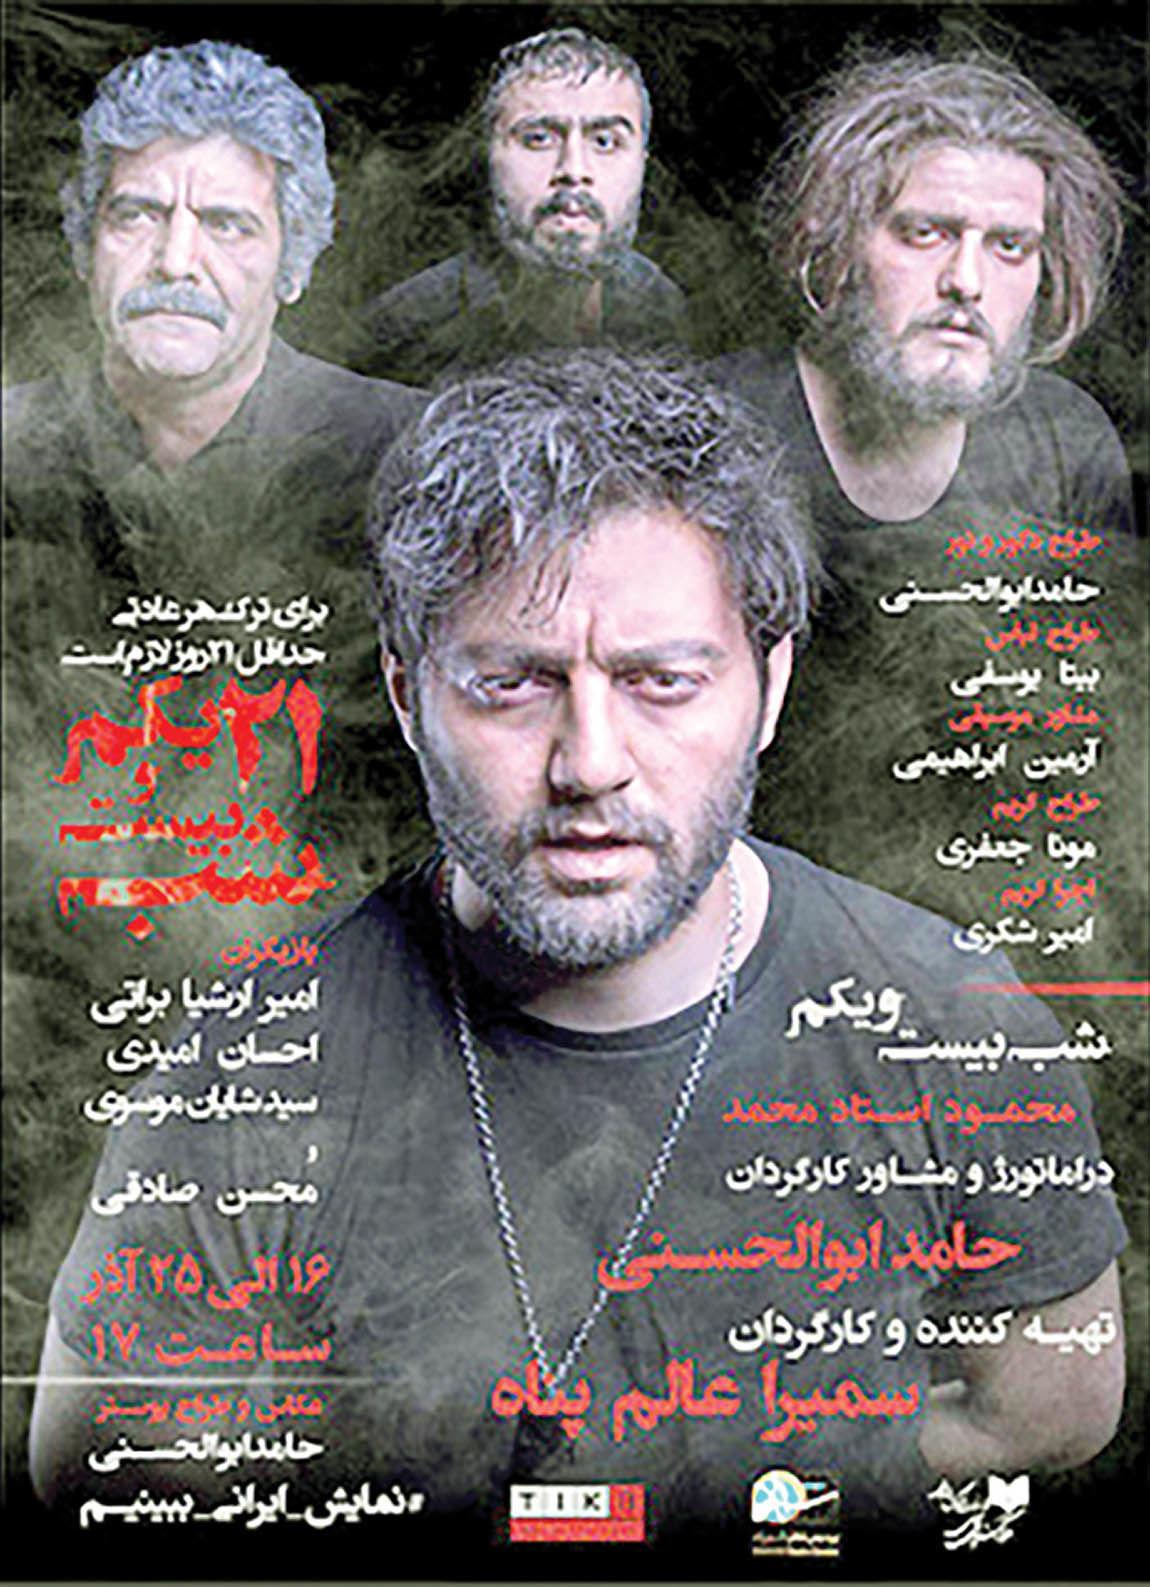 «شب بیست و یکم» در پردیس تئاتر شهرزاد